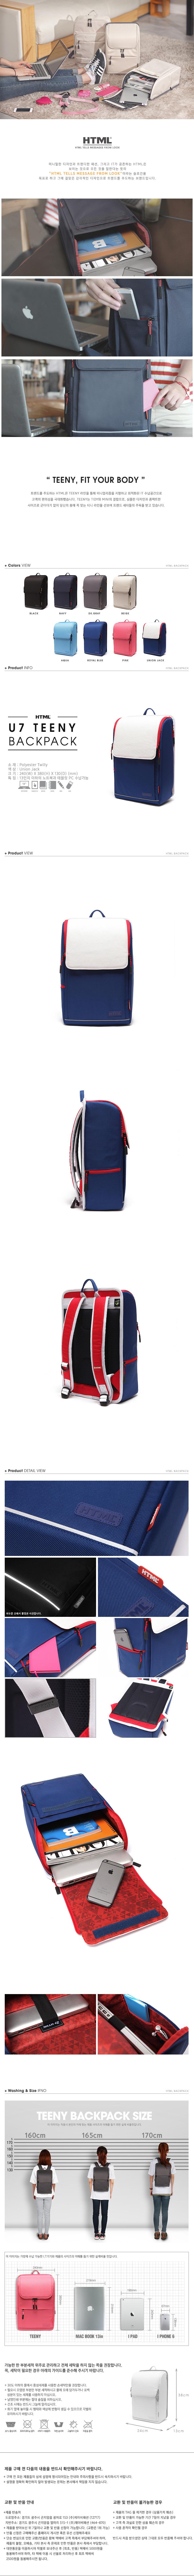 [에이치티엠엘]HTML-NEW U7 WOMAN TEENY Backpack (UNION JACK) 티니 백팩